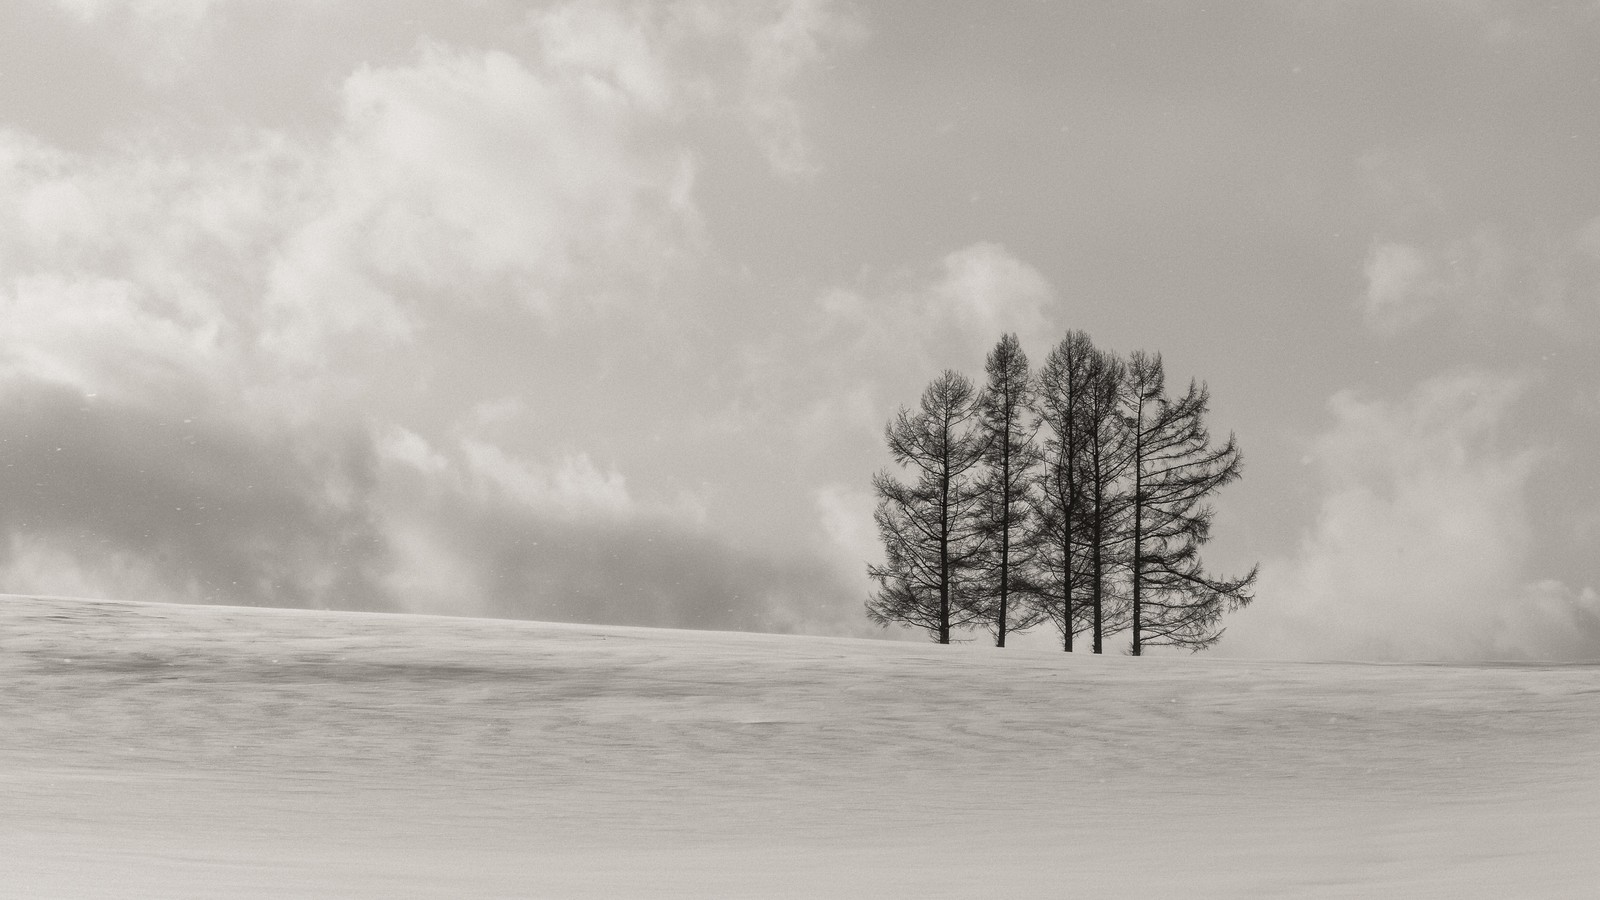 「雪原に生える5本の木」の写真